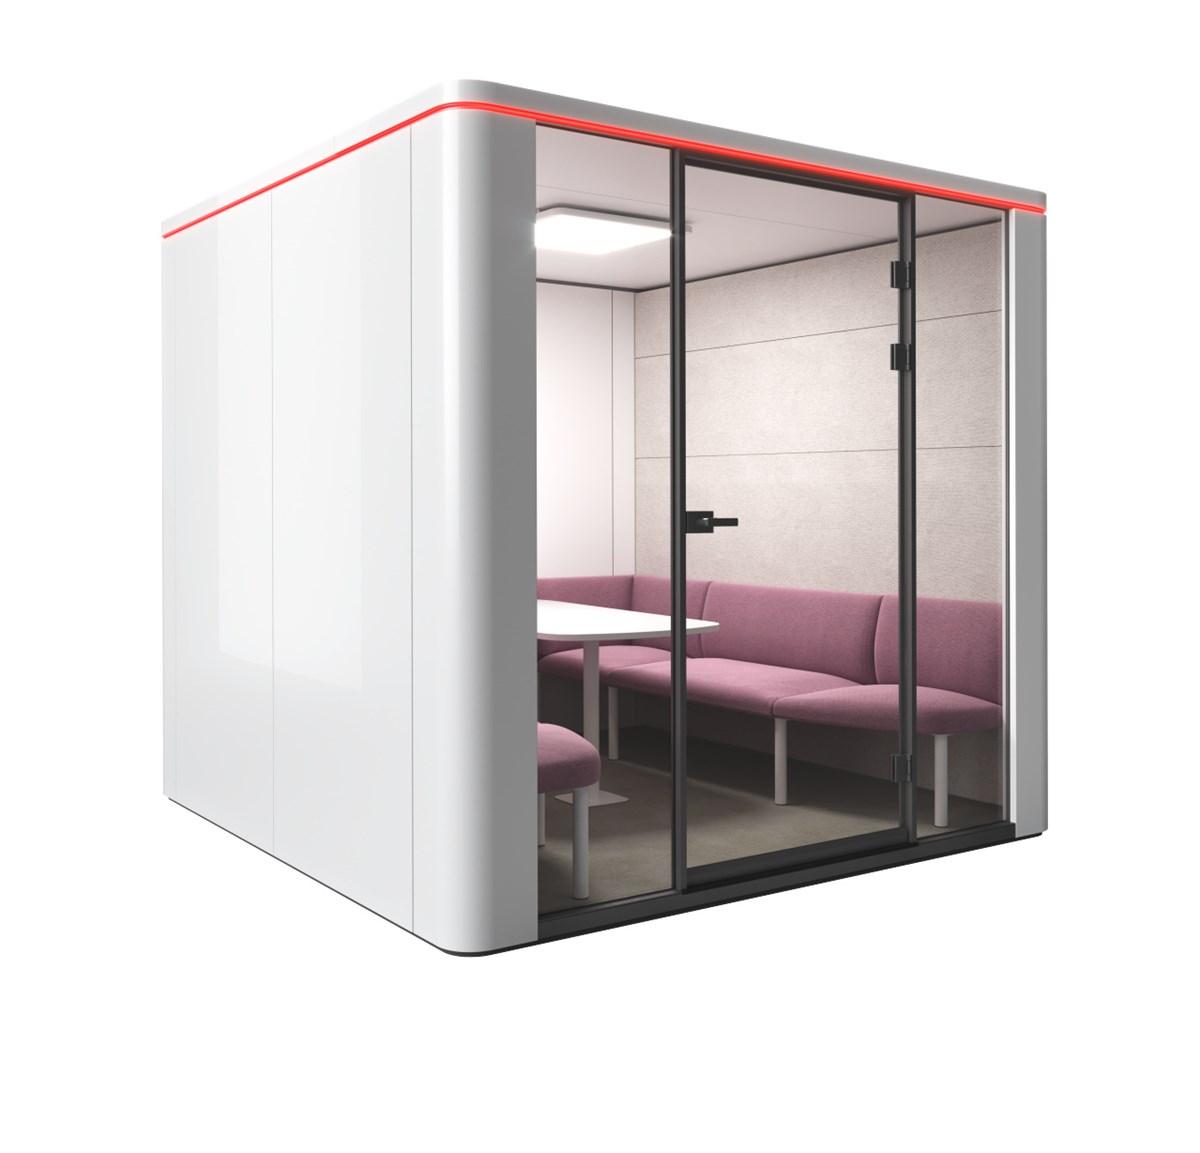 Sedus-Secube-Booth-Matisse-2